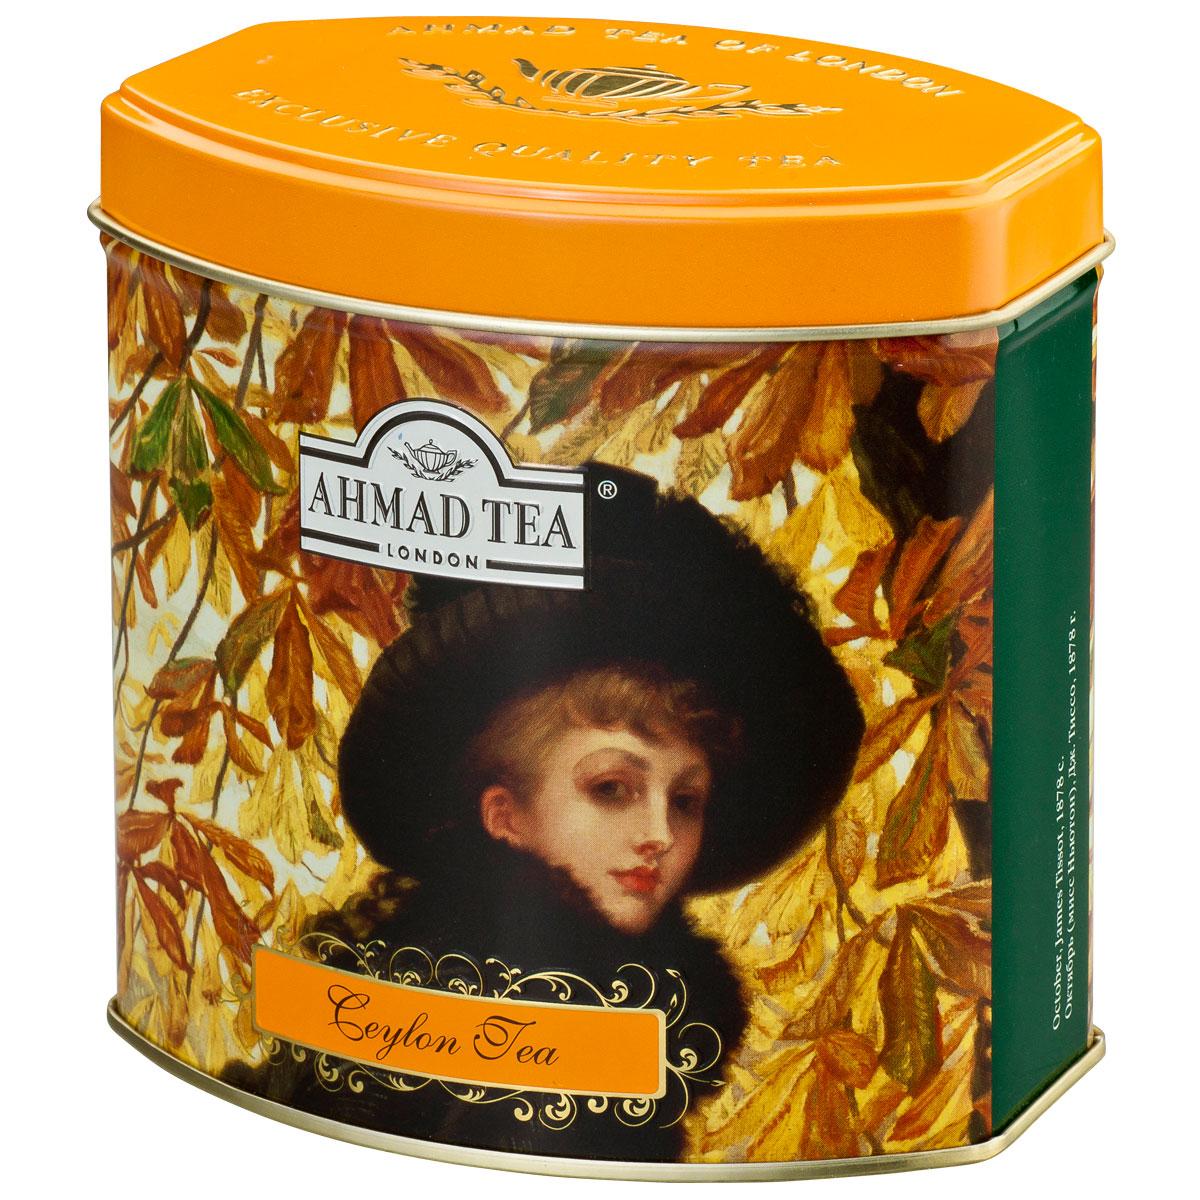 Ahmad Tea Ceylon Tea черный чай, 100 г (жестяная банка)1069N1Цейлонский чай из верхних листочков оранж пеко (оранжевая полоса). Англичане традиционно предпочитают безупречное качество, считая его залогом благополучия и стабильности. Смесь верхних листьев высокогорного цейлонского чая в совершенном исполнении Ахмад Ти необычайно богата ароматом, золотистым цветом и характерным вкусом. Хорошо сочетается с лимоном.